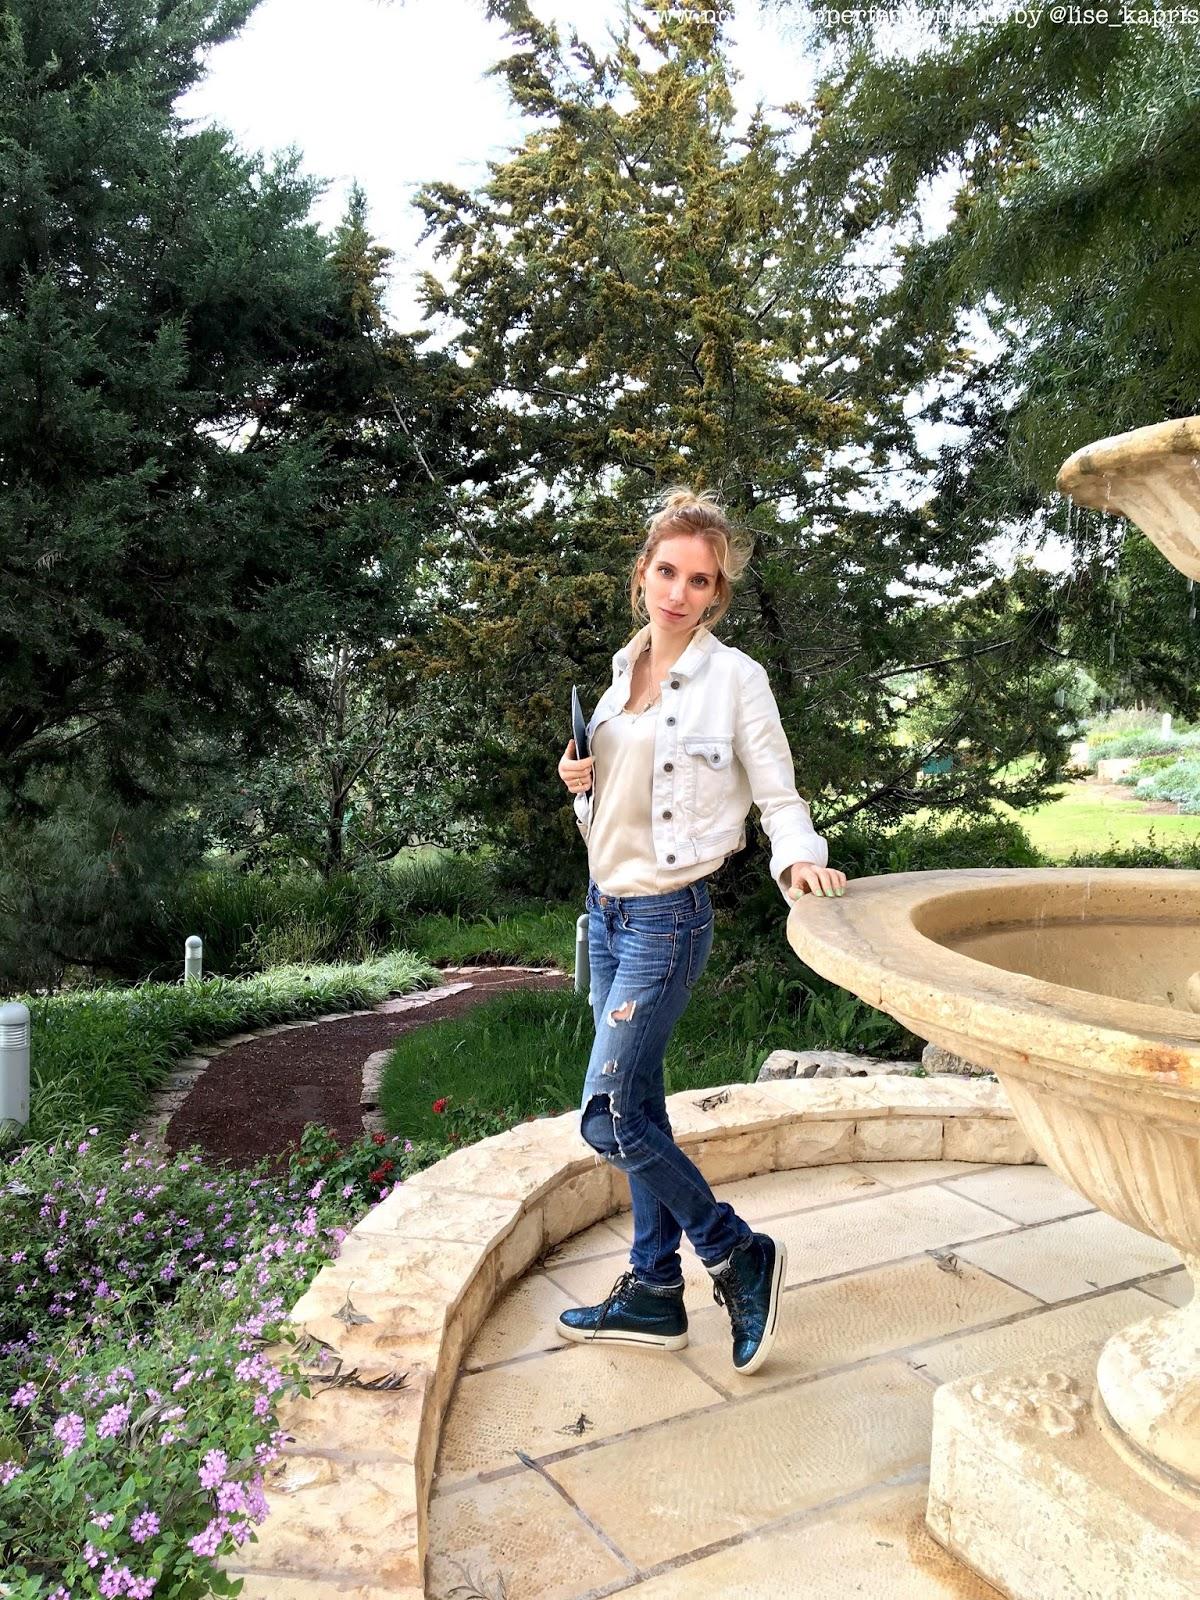 Топ блогеров Москвы Lise Kapris